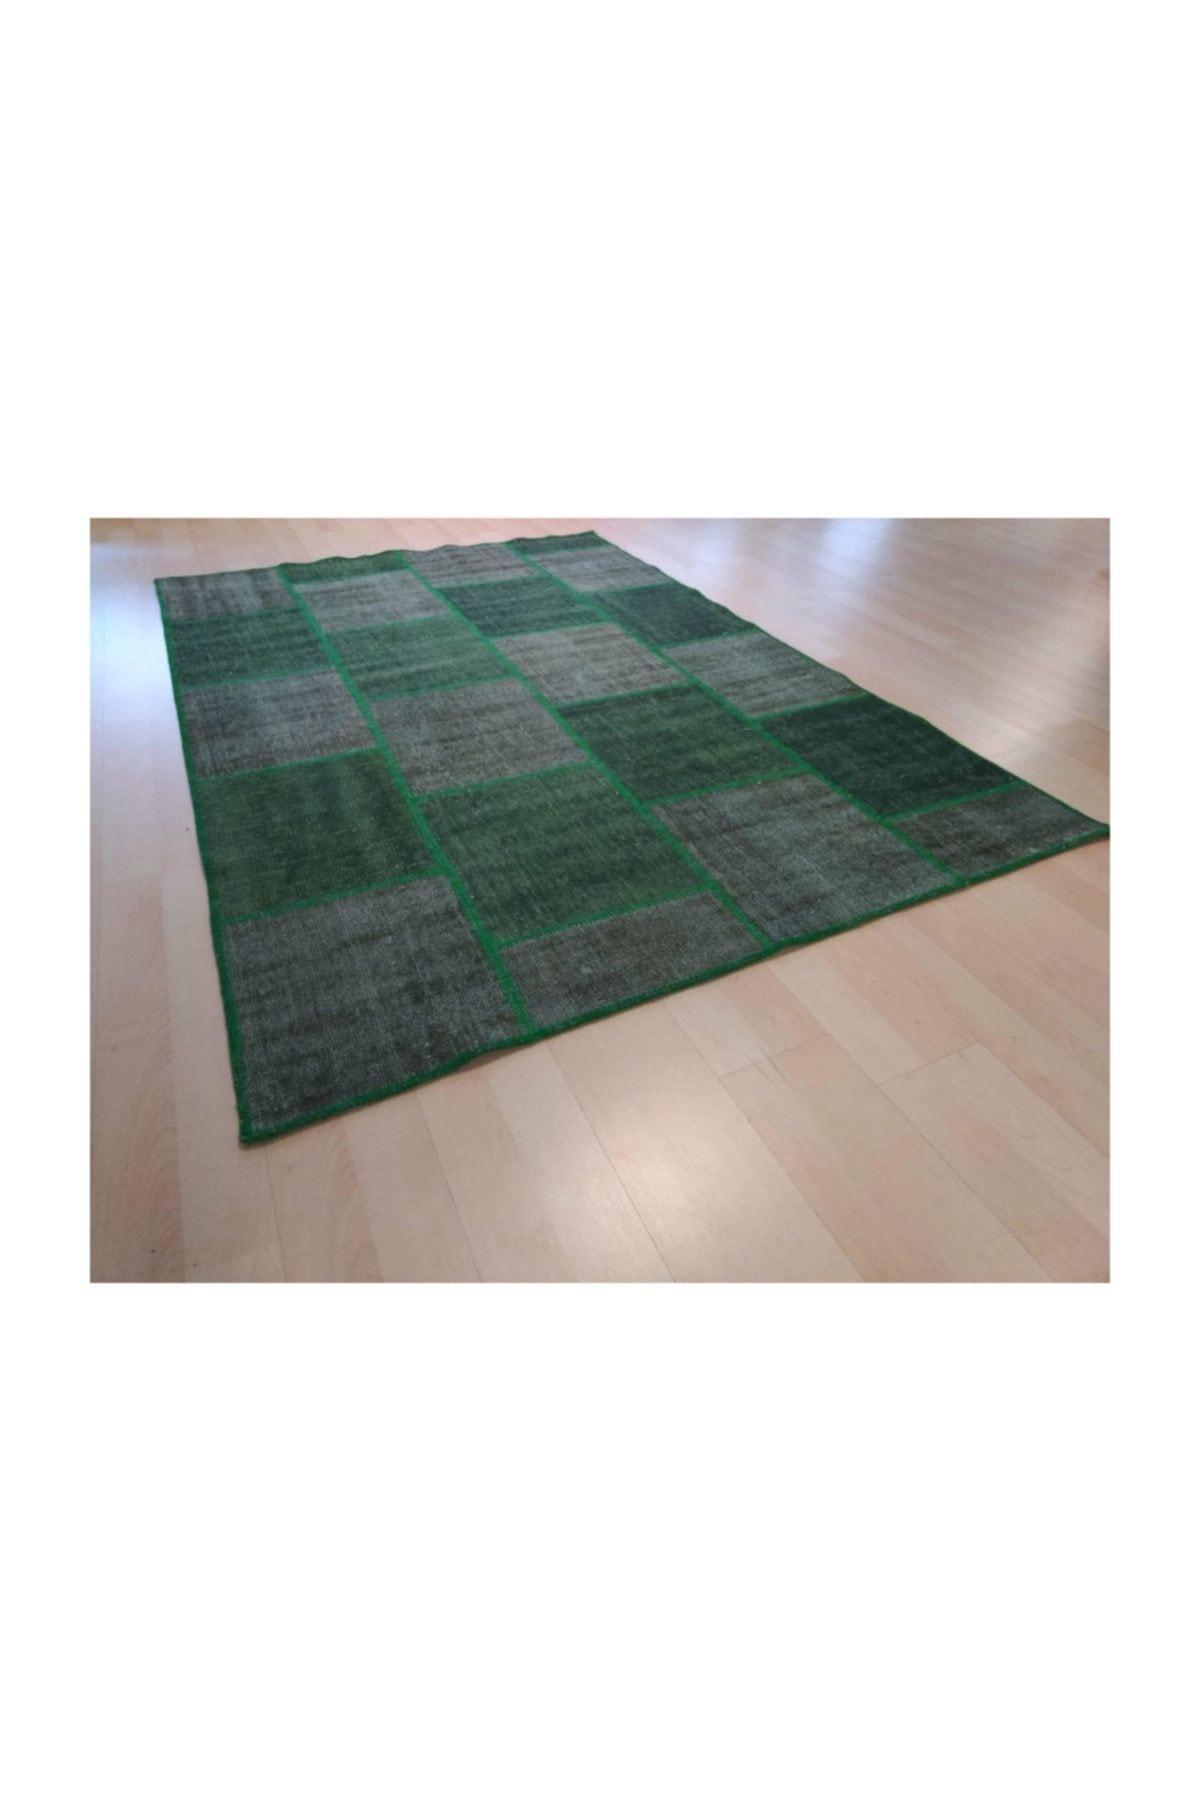 Çam Halı El Dokuma Yeşil Patchwork Halı 160x230 3,68 M2 1